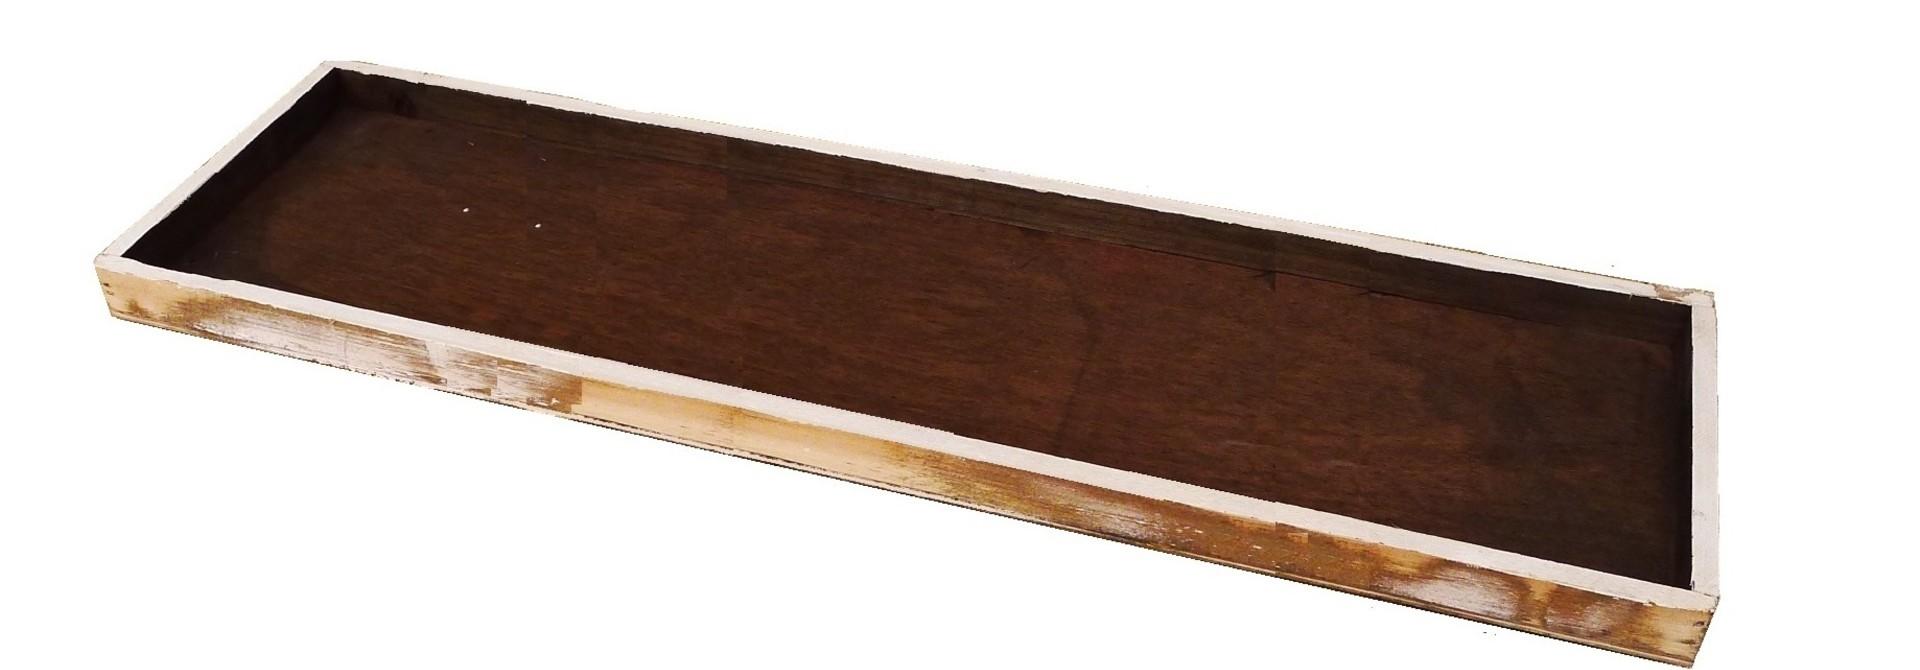 tray old dutch cutting blade 80/20